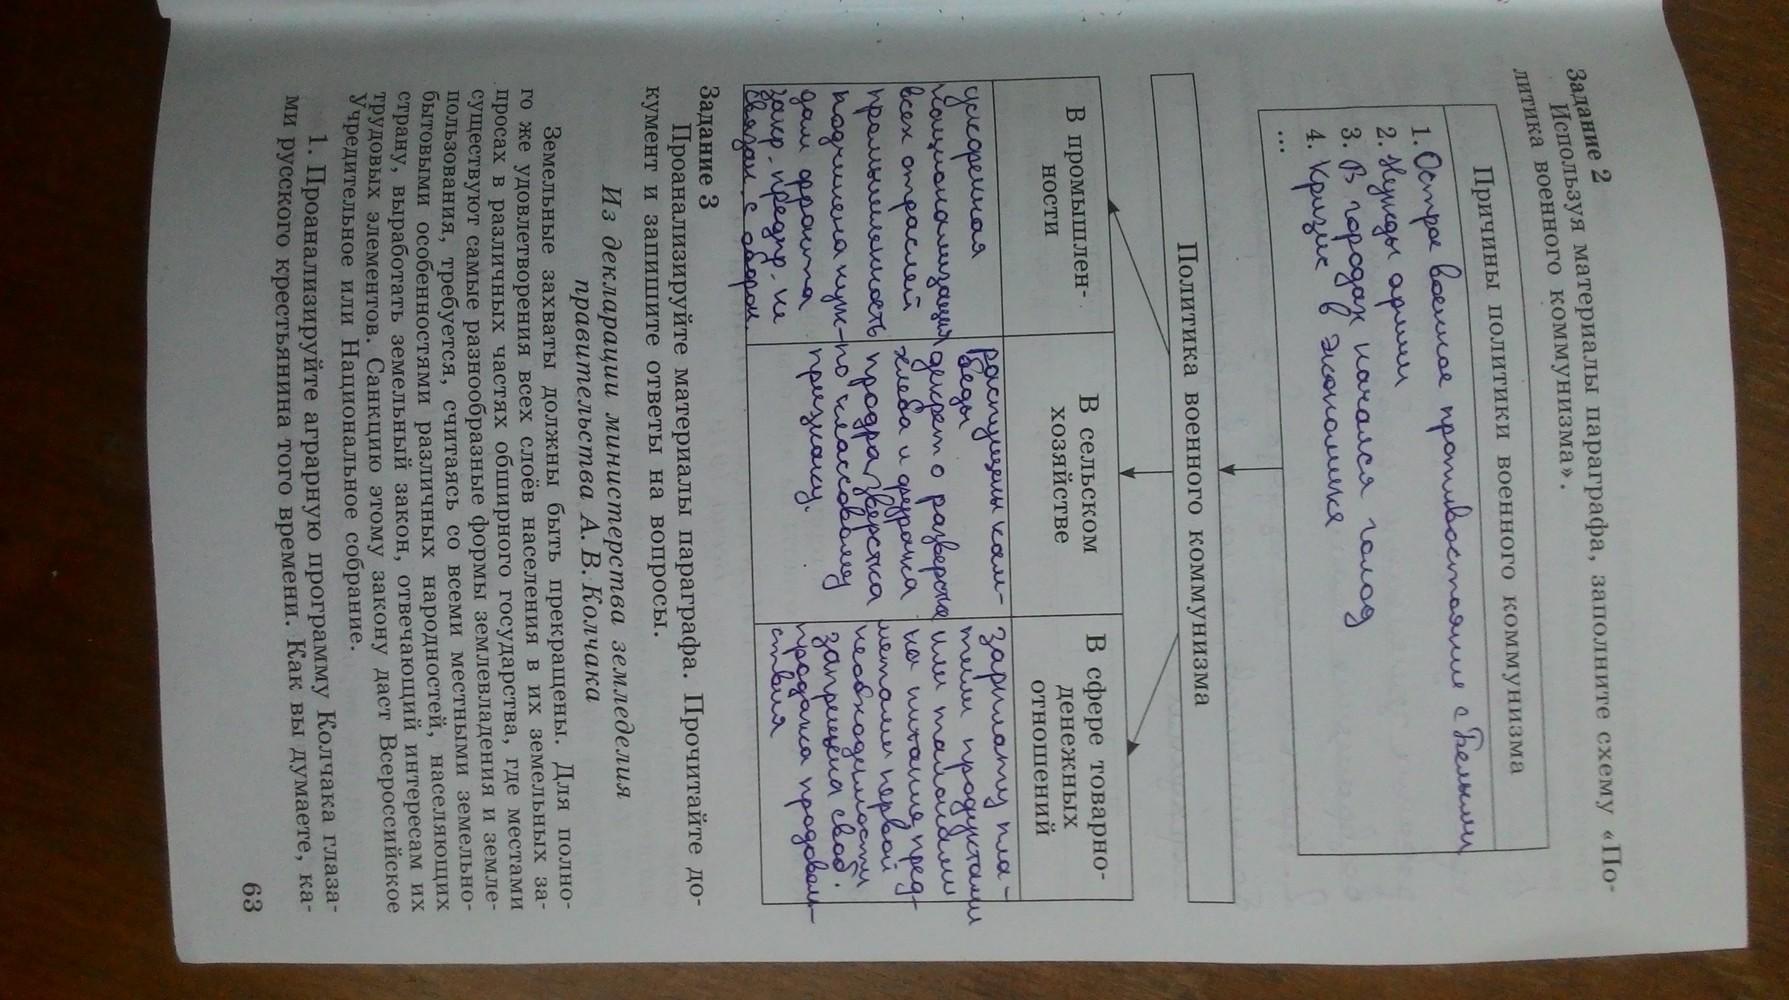 По рабочая данилов тетрадь.rar Гдз класс 9 истории